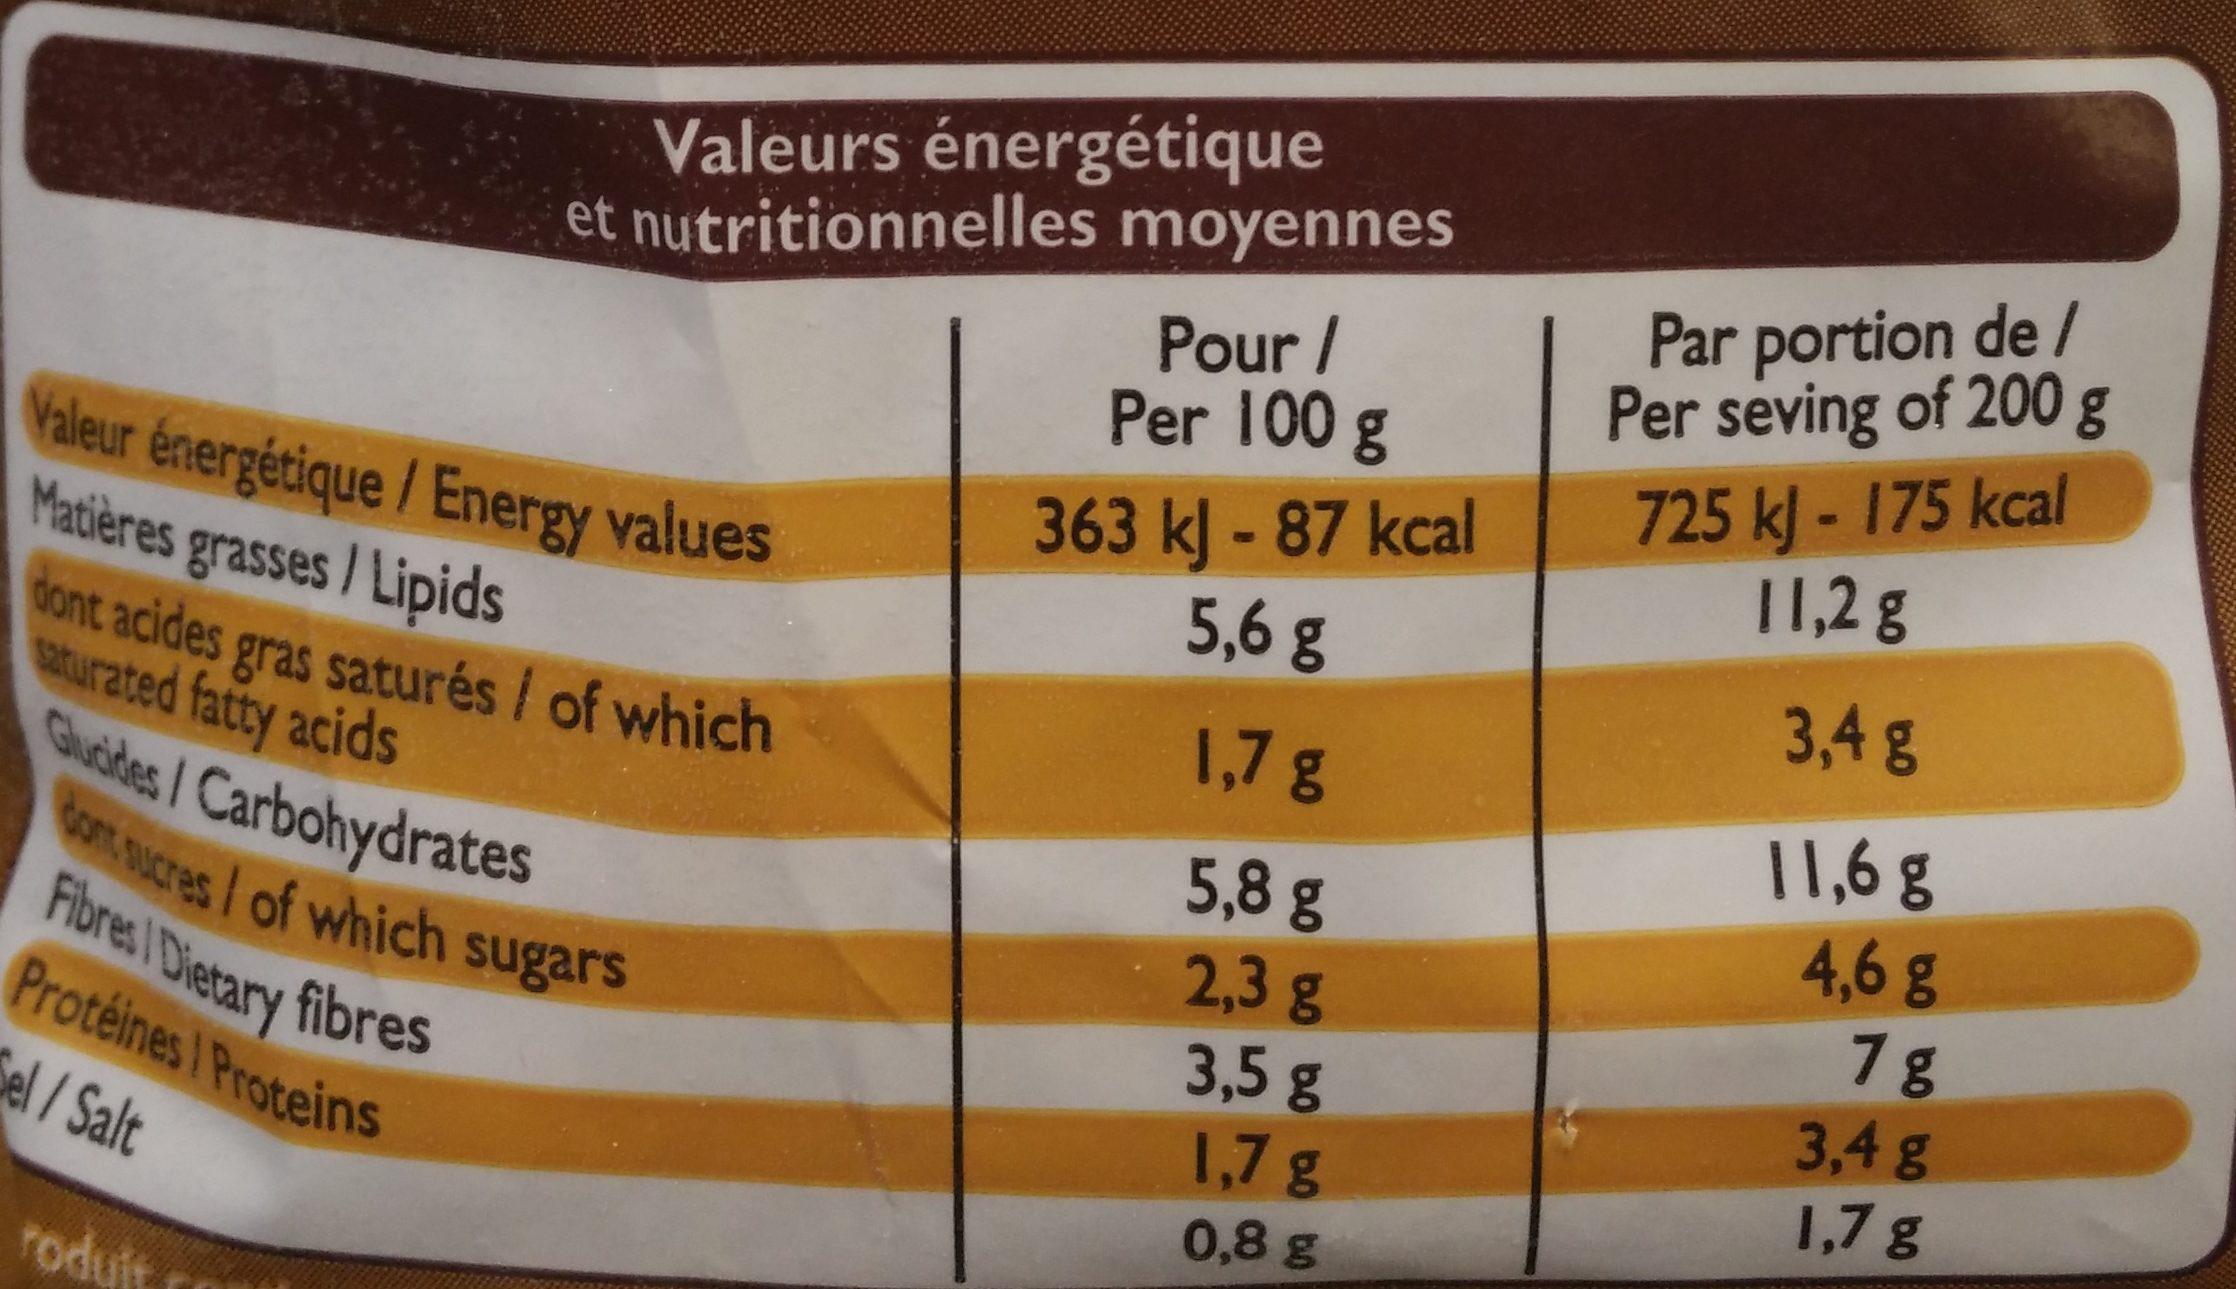 Haricots Verts à la Périgourdine - Informations nutritionnelles